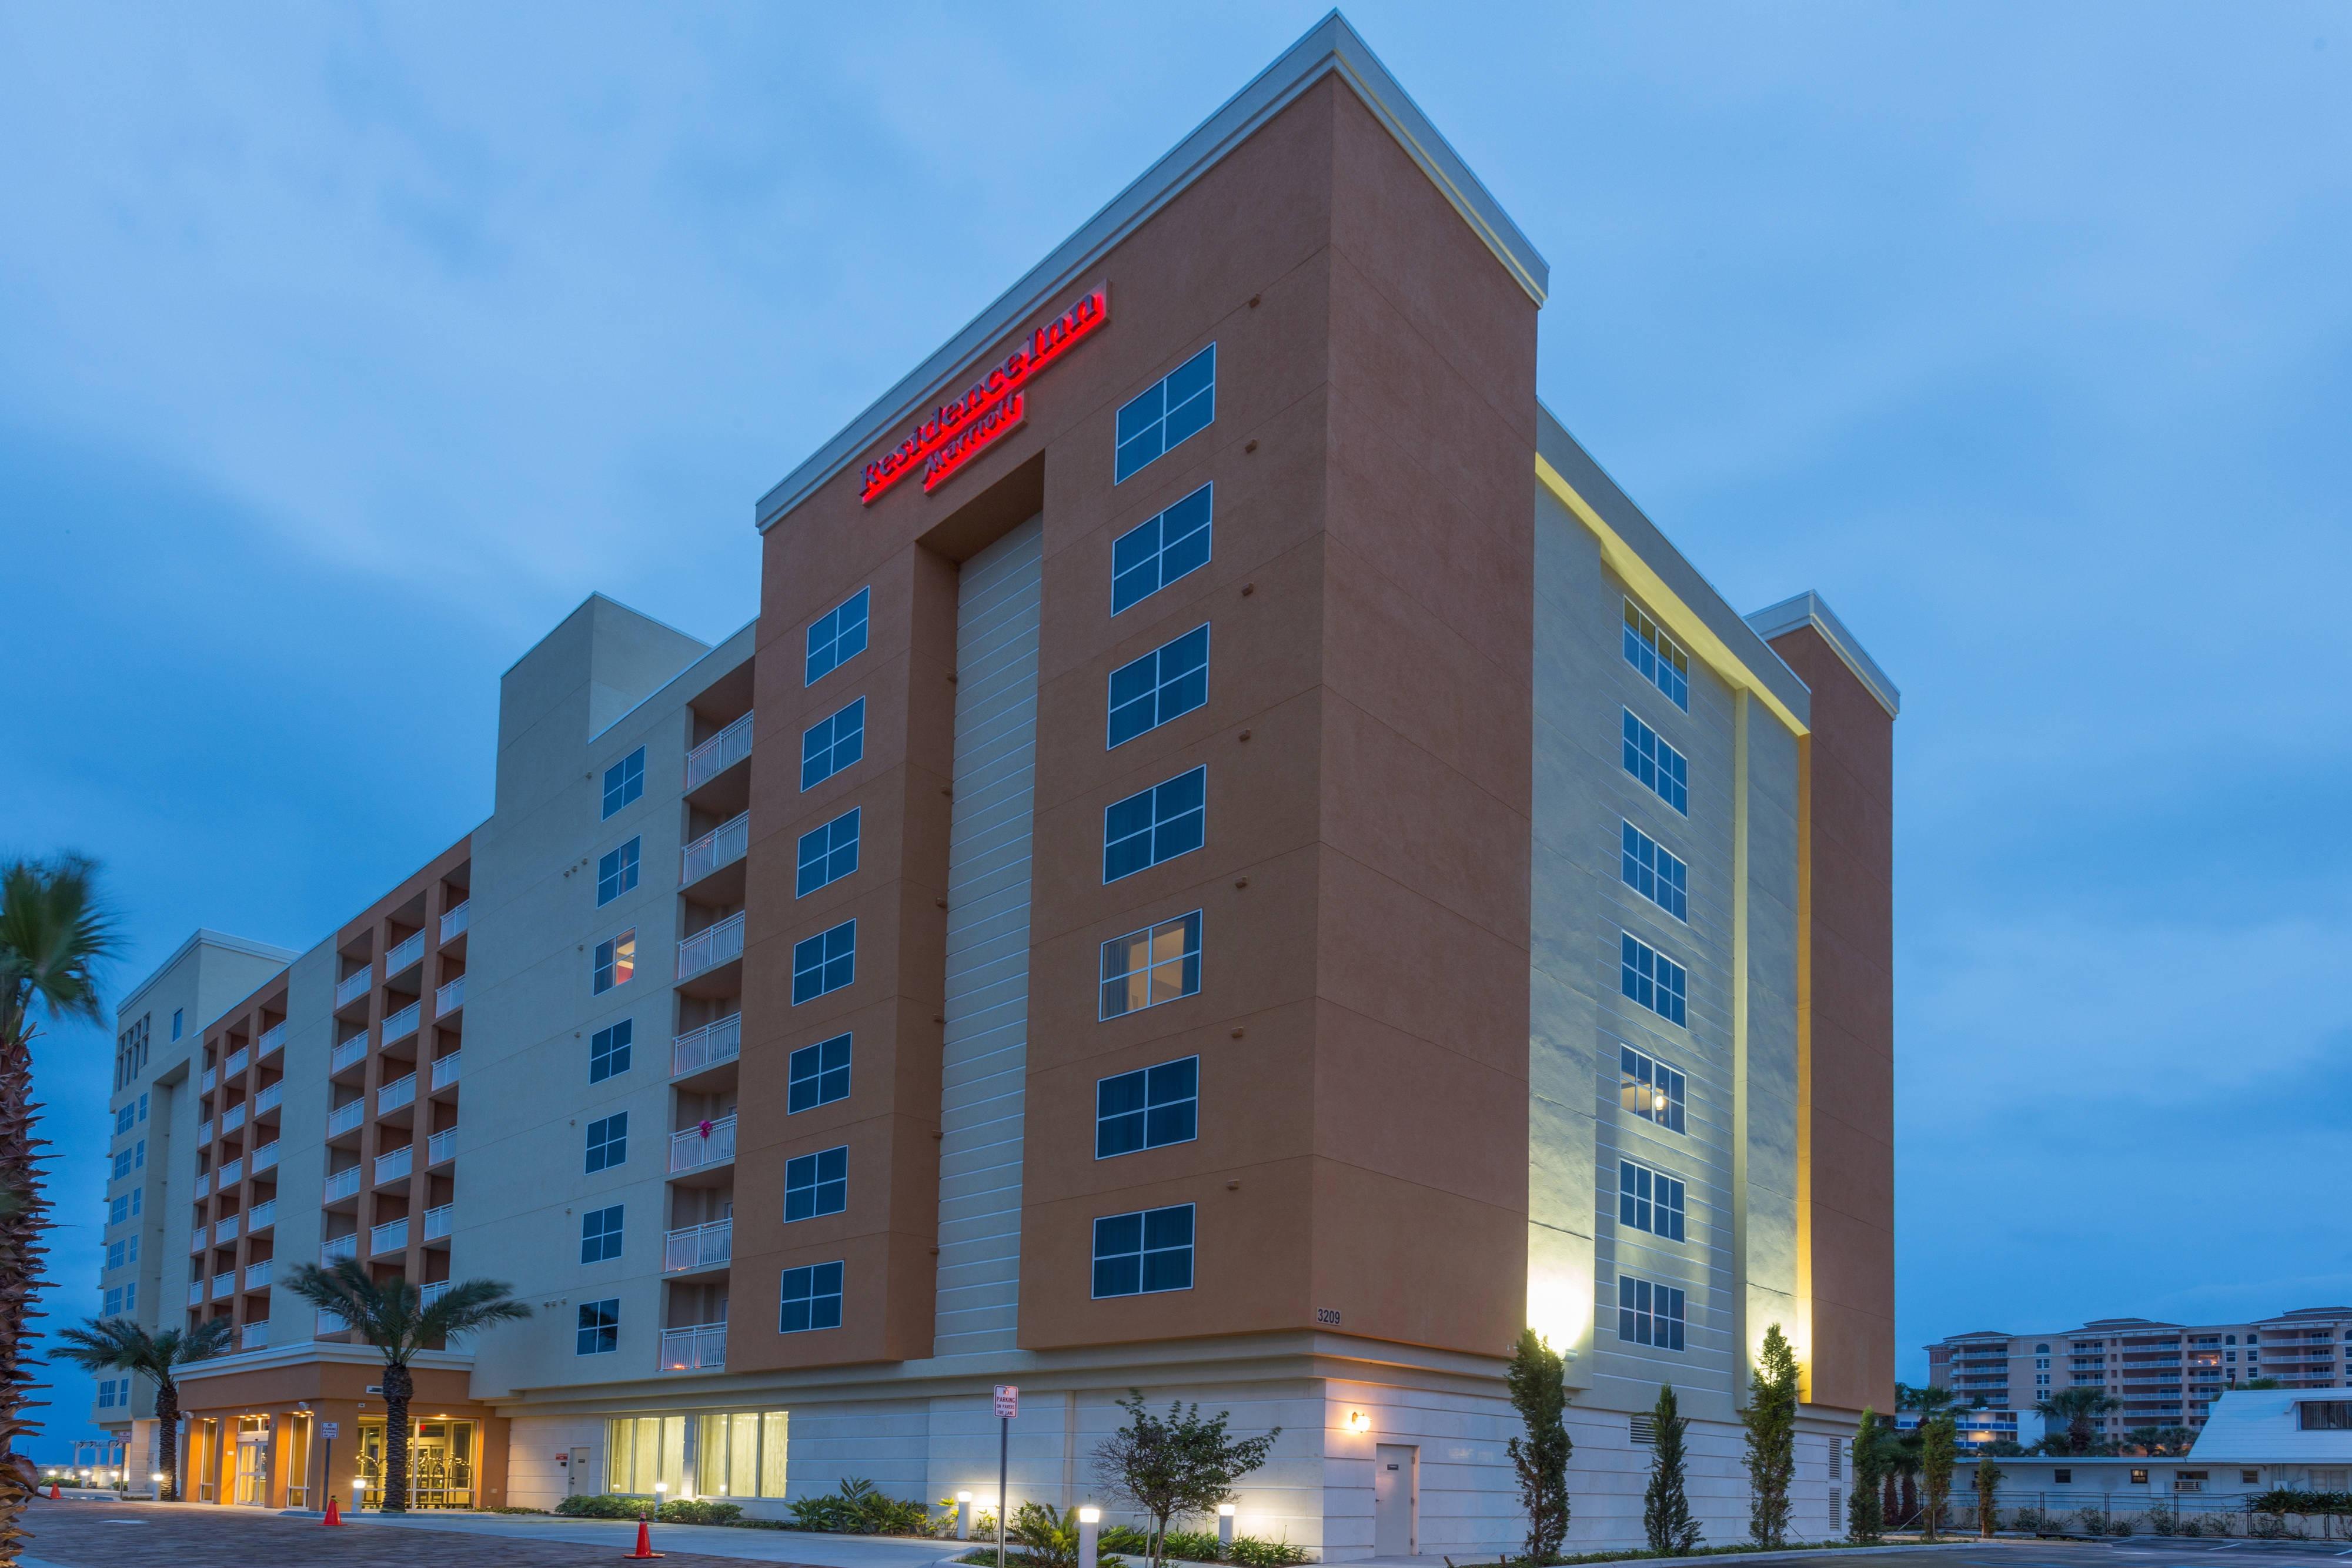 Welcome to the Residence Inn by Marriott Daytona Beach Oceanfront!